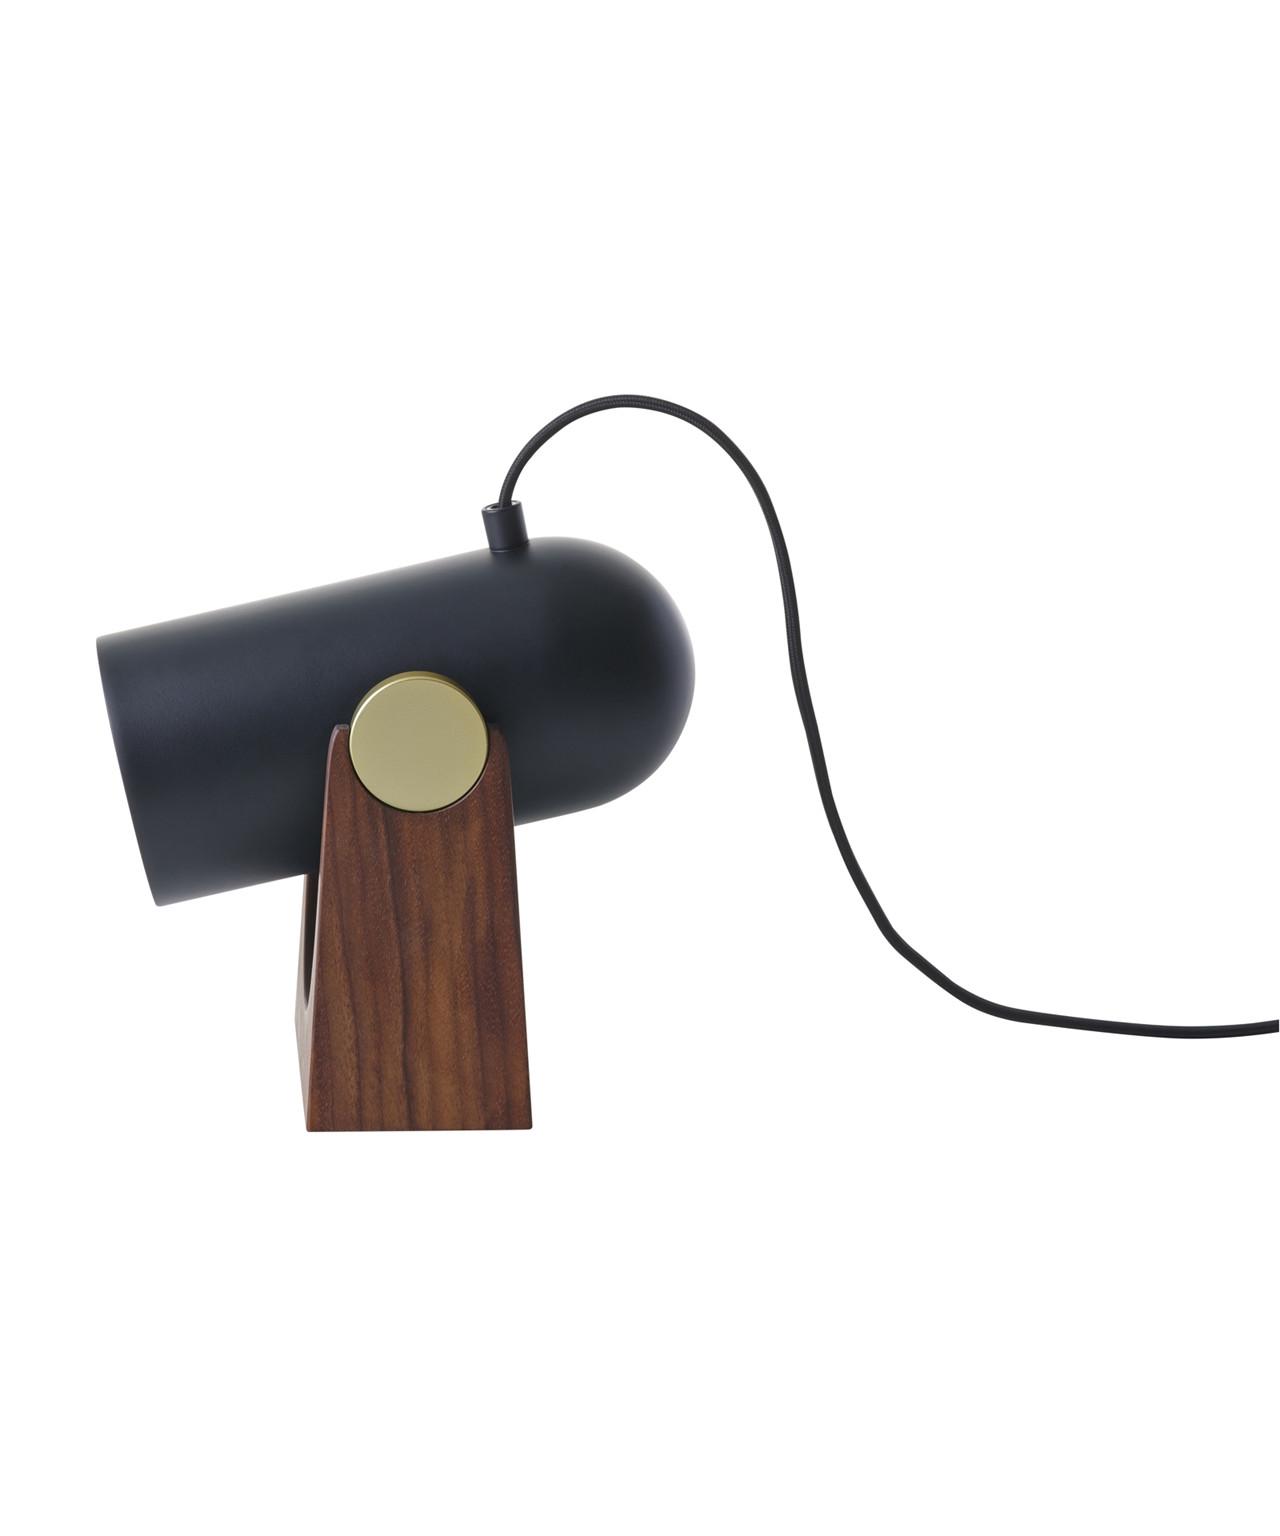 Kob Swirl Bordlampe Sort Hvid Le Klint billigt på tilbud online u2b06 Se Pris på Cost860 dk